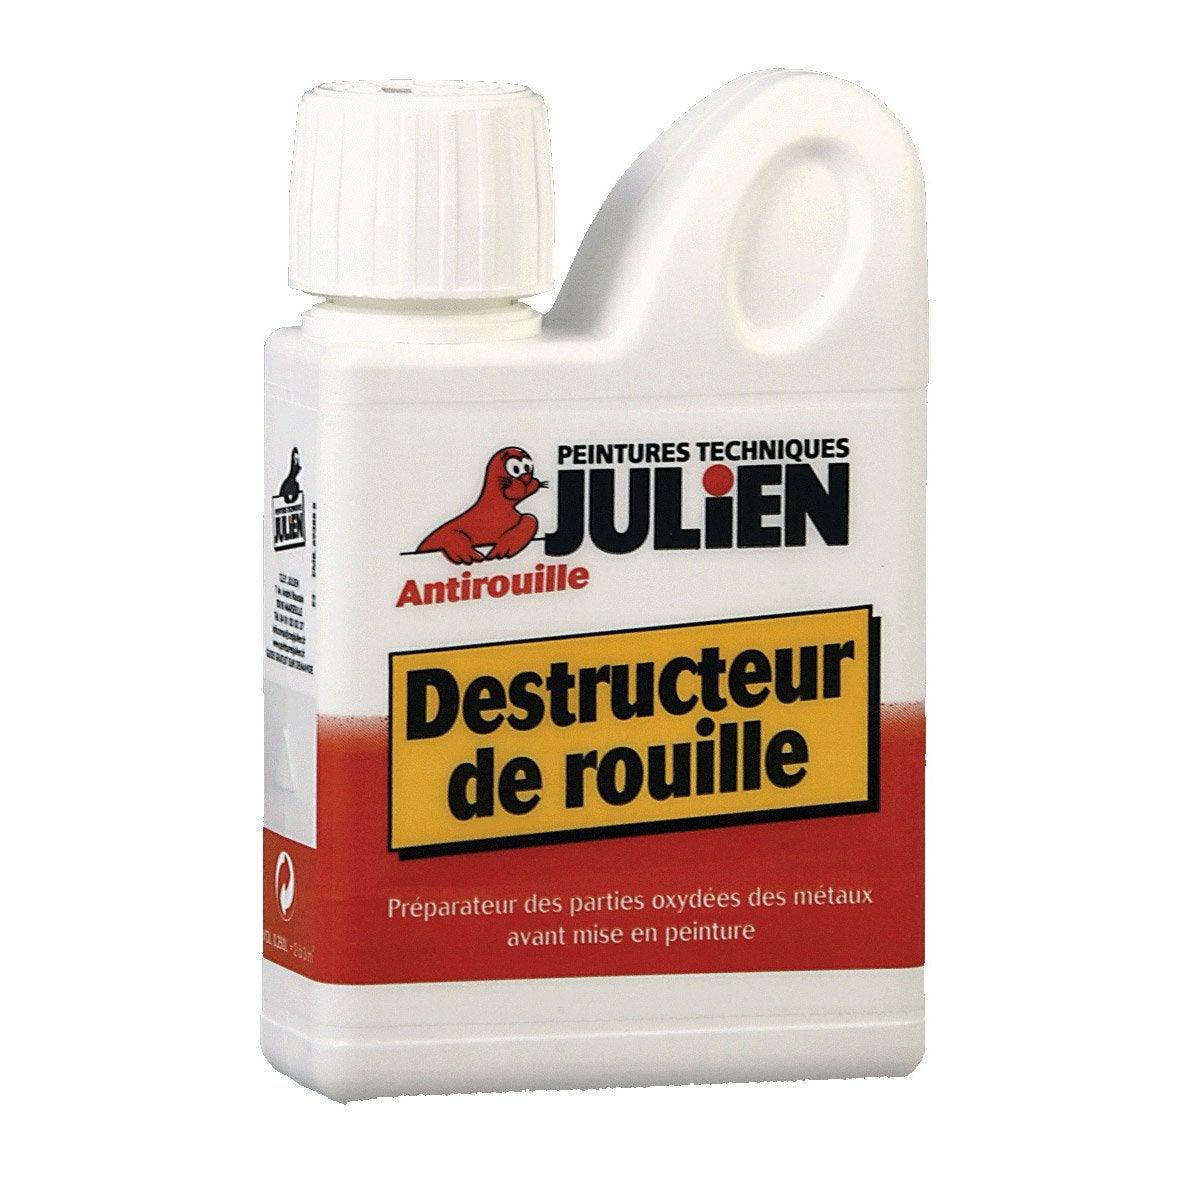 Contre La Rouille destructeur de rouille extérieur julien, incolore, 0.25 l | leroy merlin